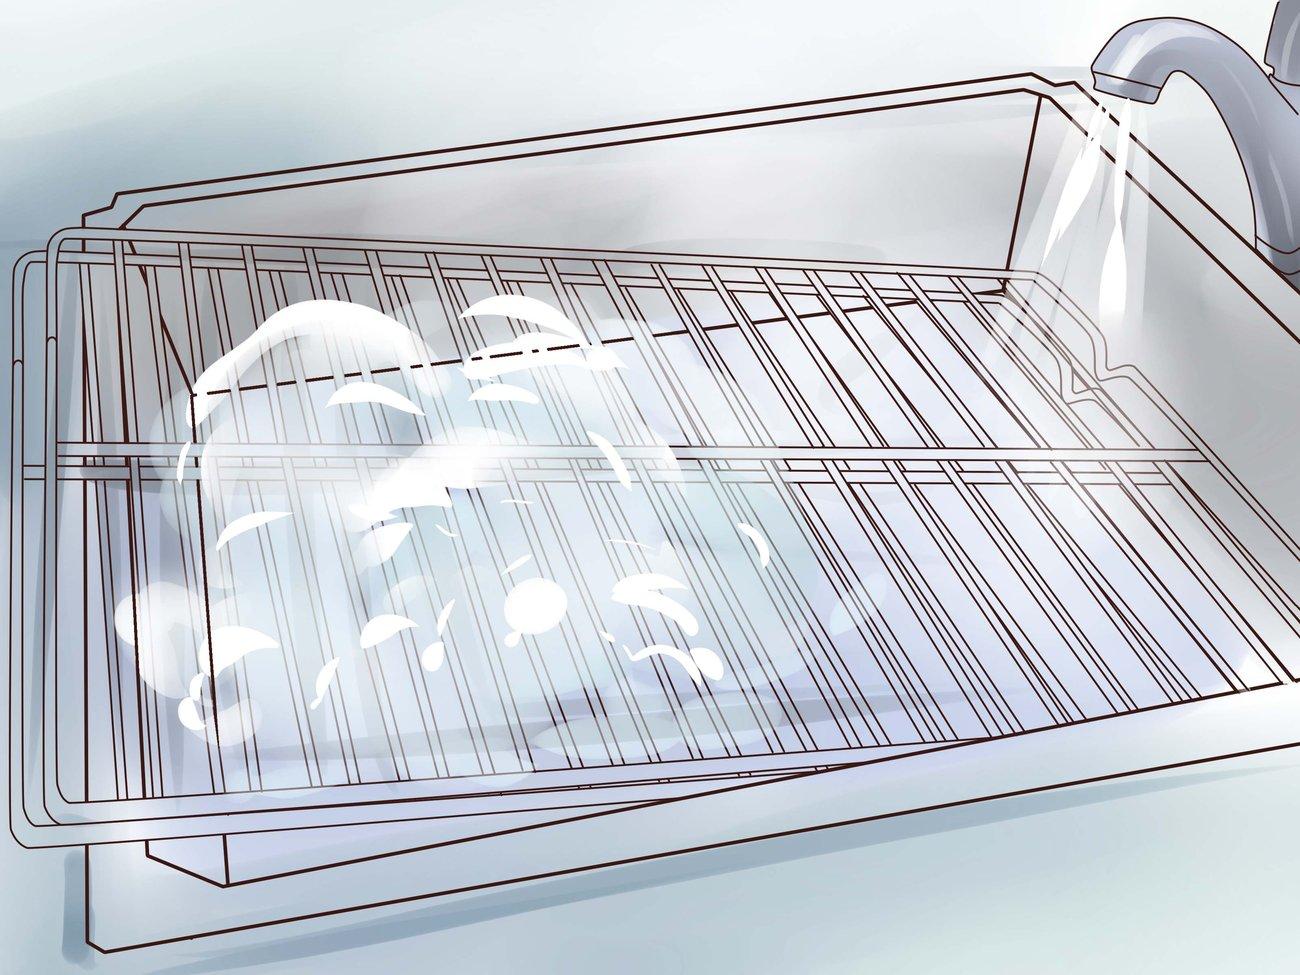 Hướng dẫn vệ sinh lò nướng gia đình